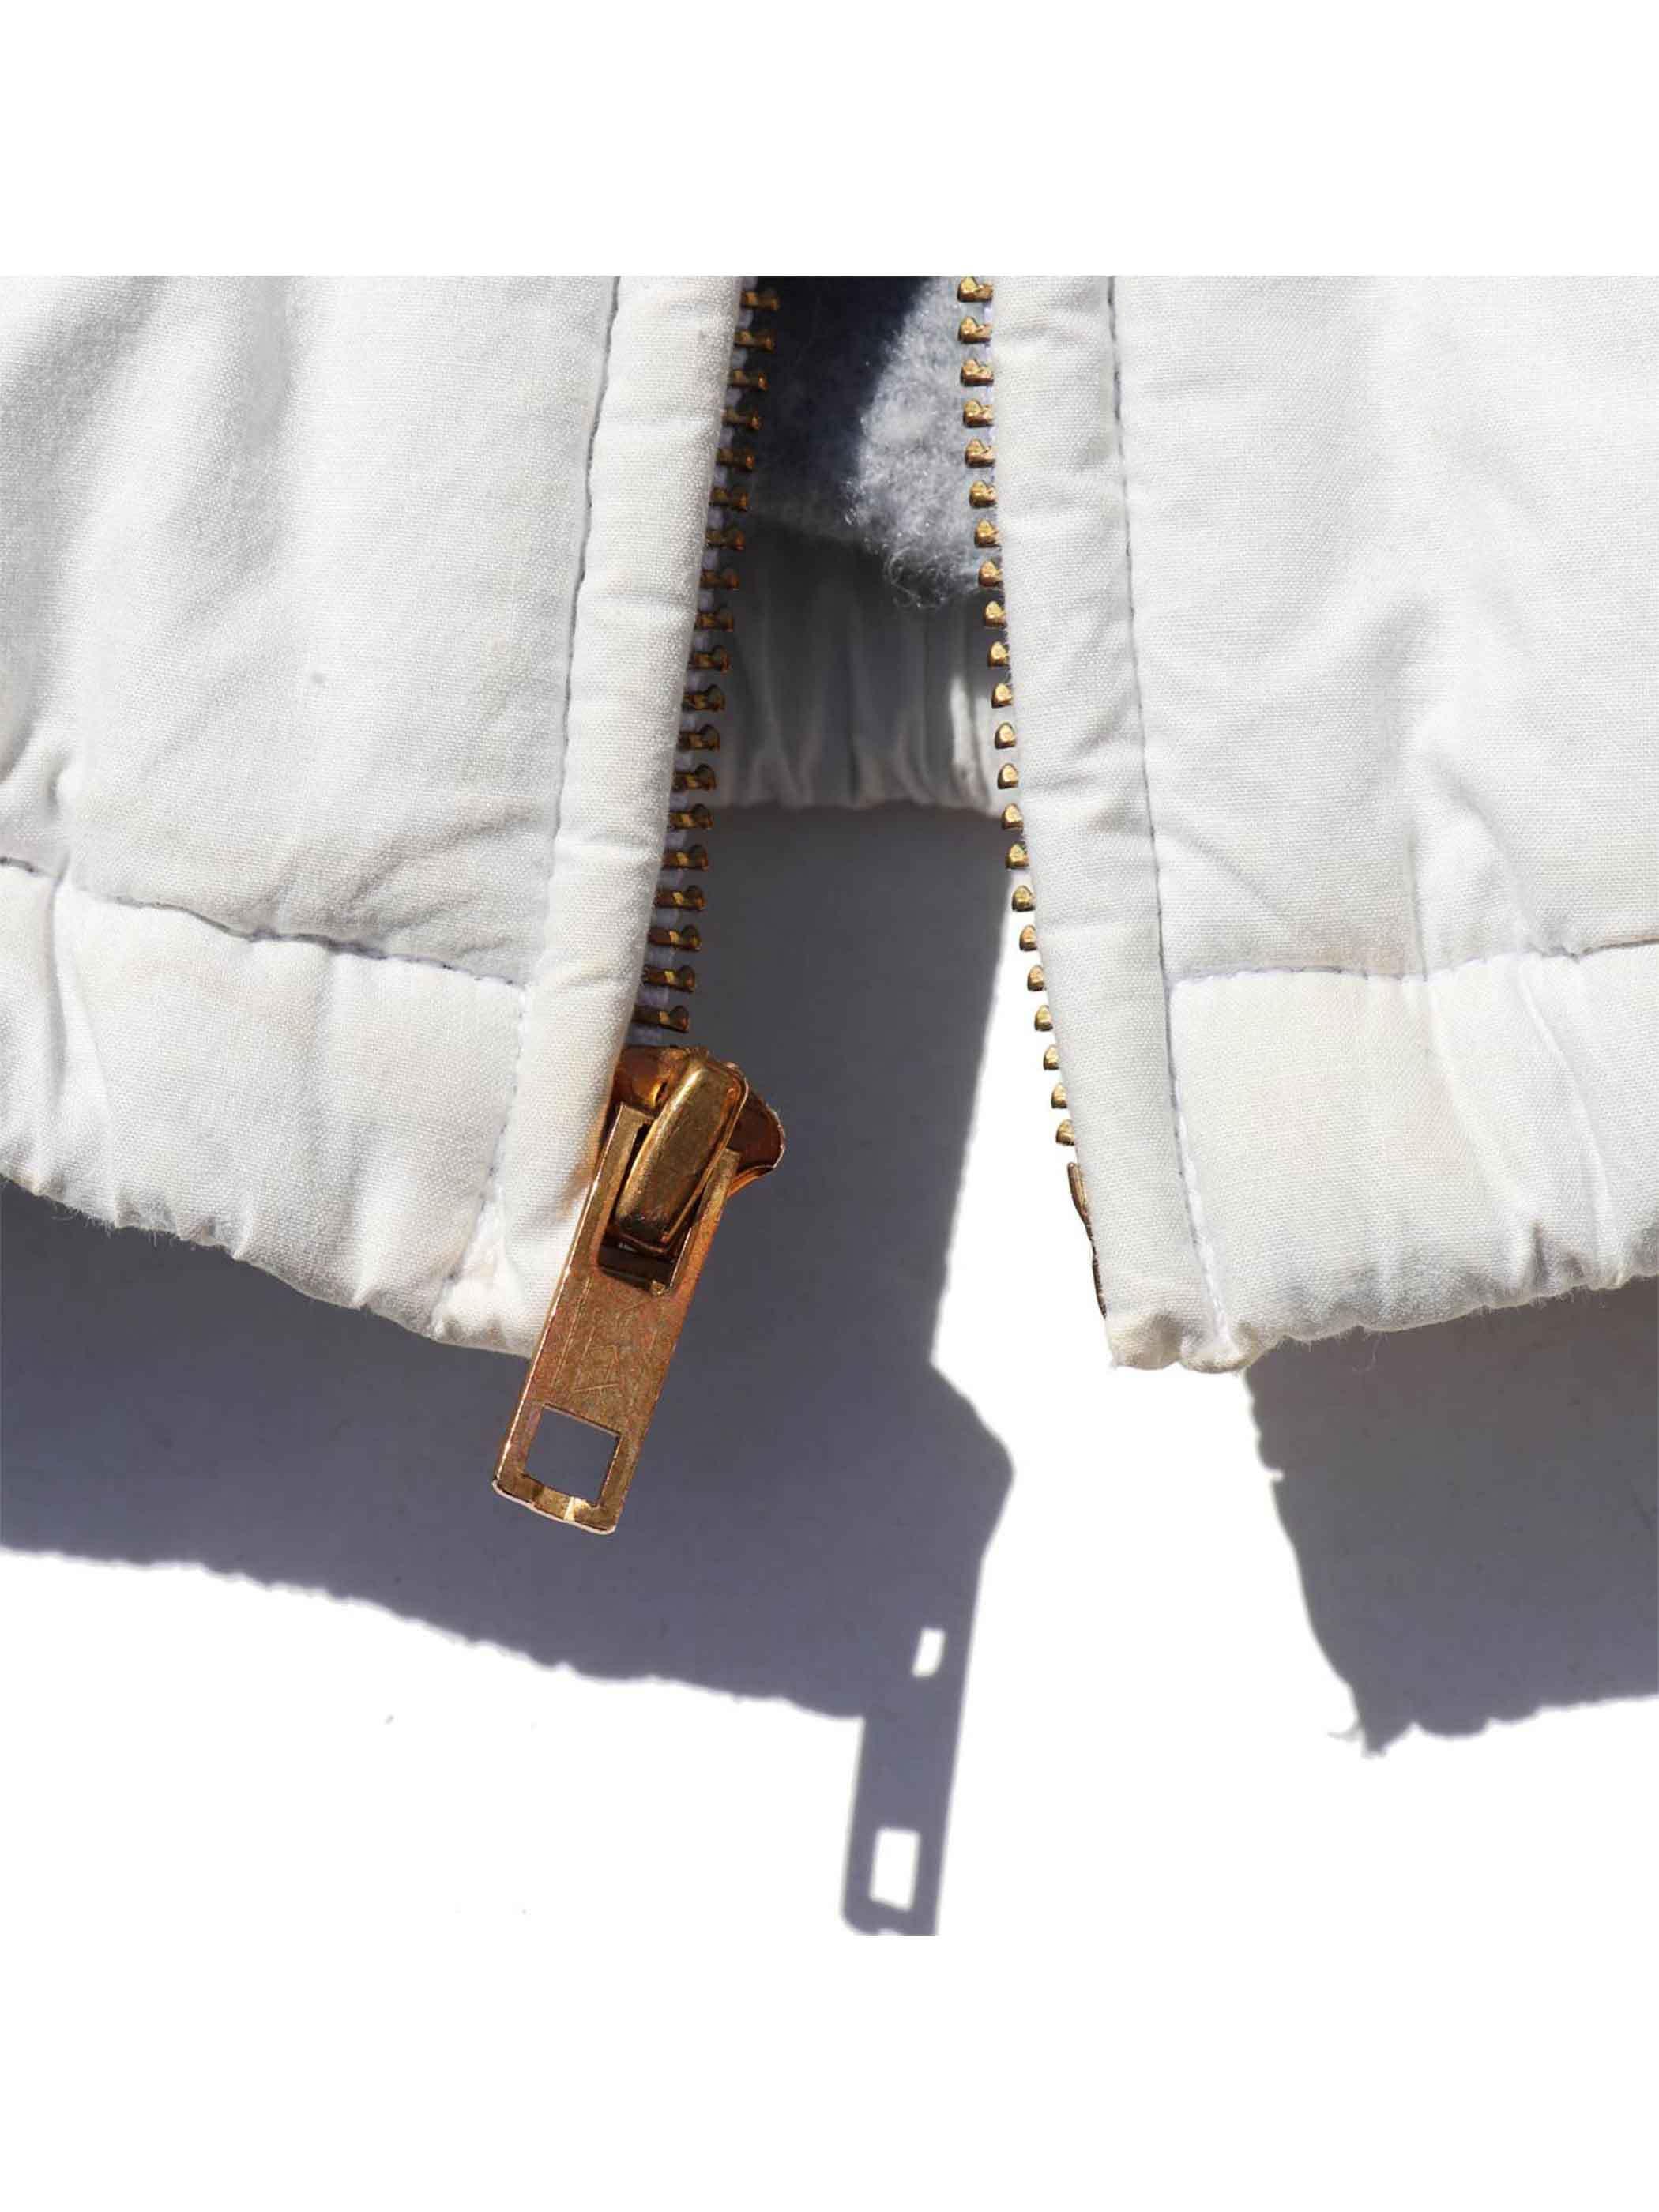 80's POLO RALPH LAUREN USA製 ホワイト コットンポプリン フリースライナー ドリズラージャケット [M]